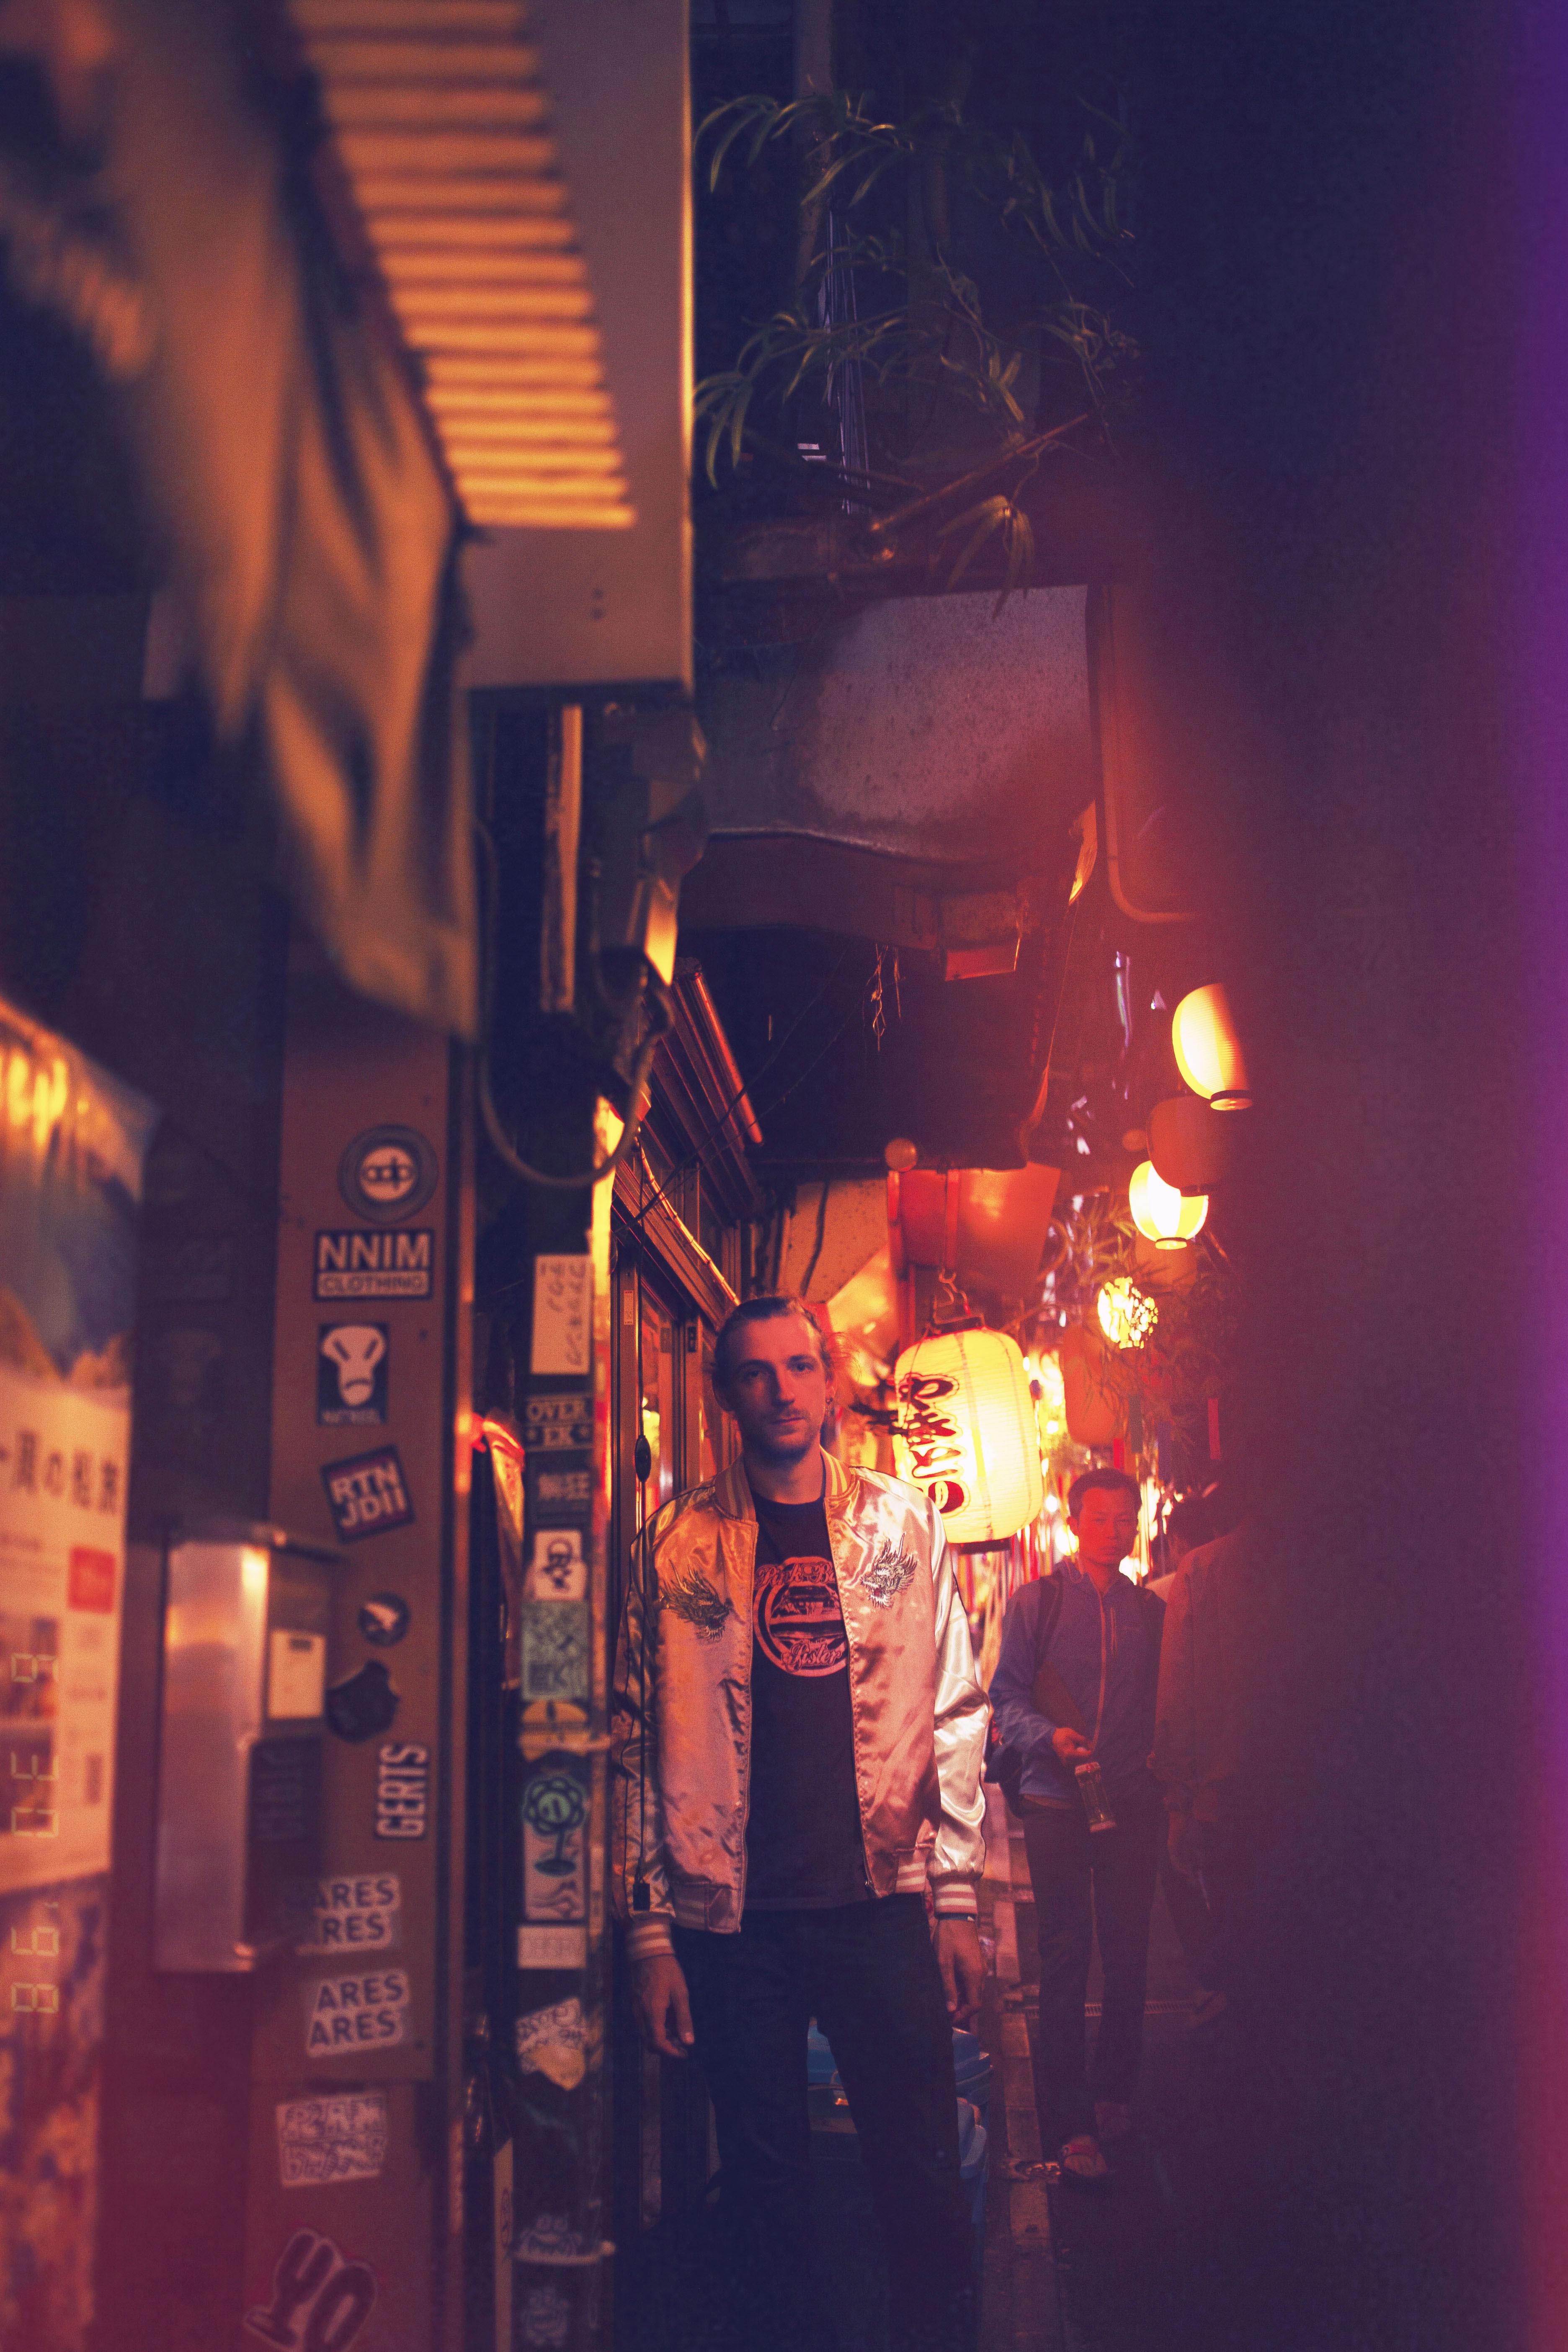 portrait d'un homme la nuit dans une rue japonaise